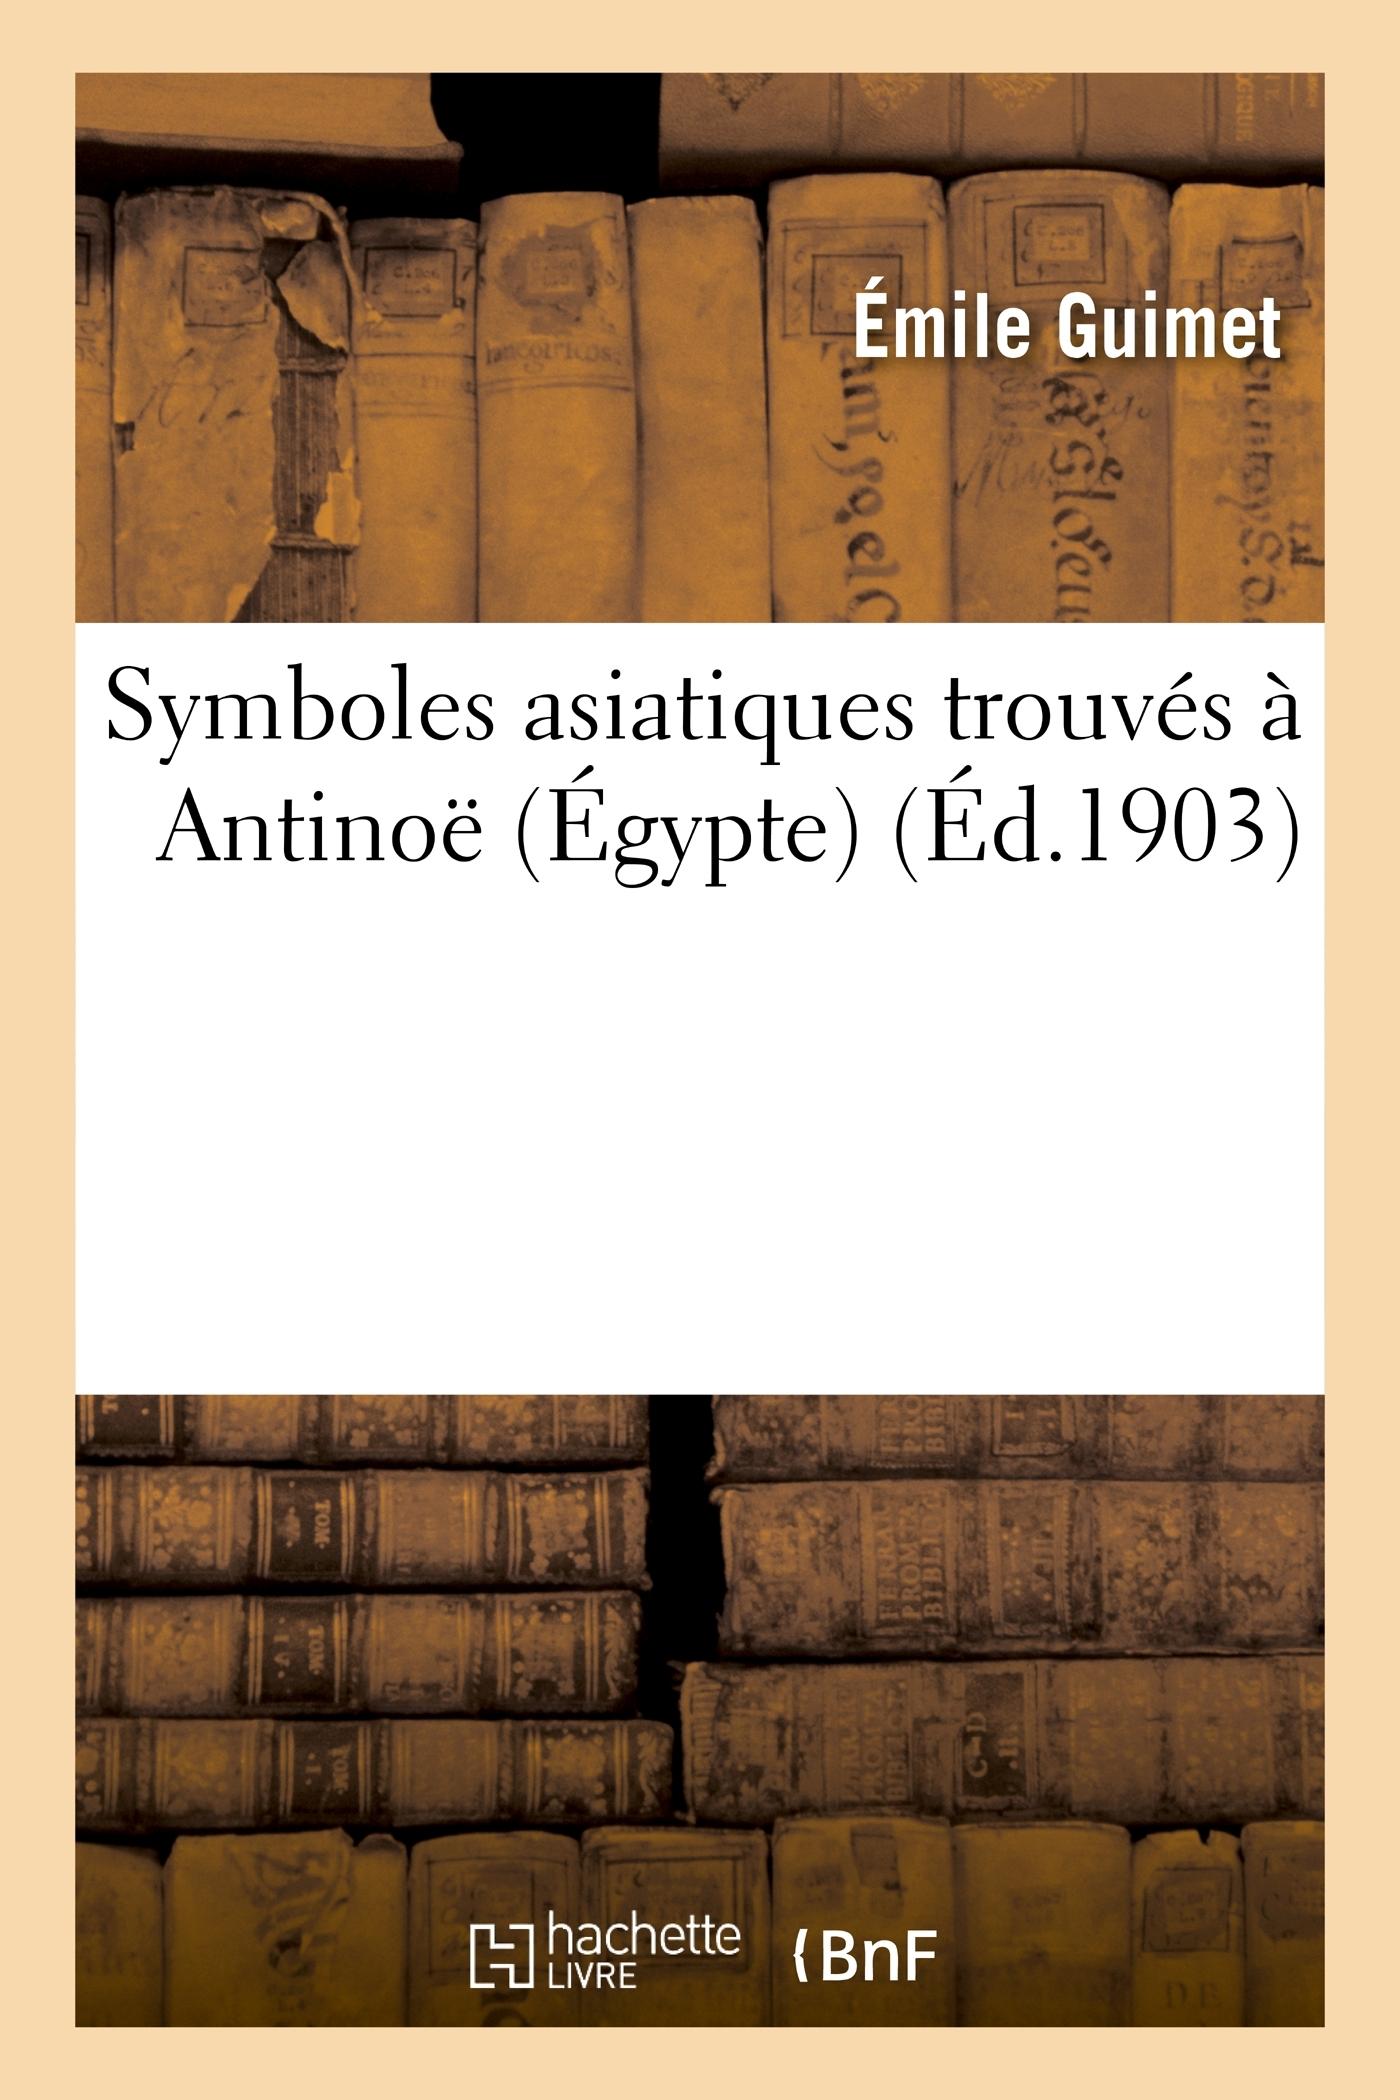 SYMBOLES ASIATIQUES TROUVES A ANTINOE (EGYPTE)